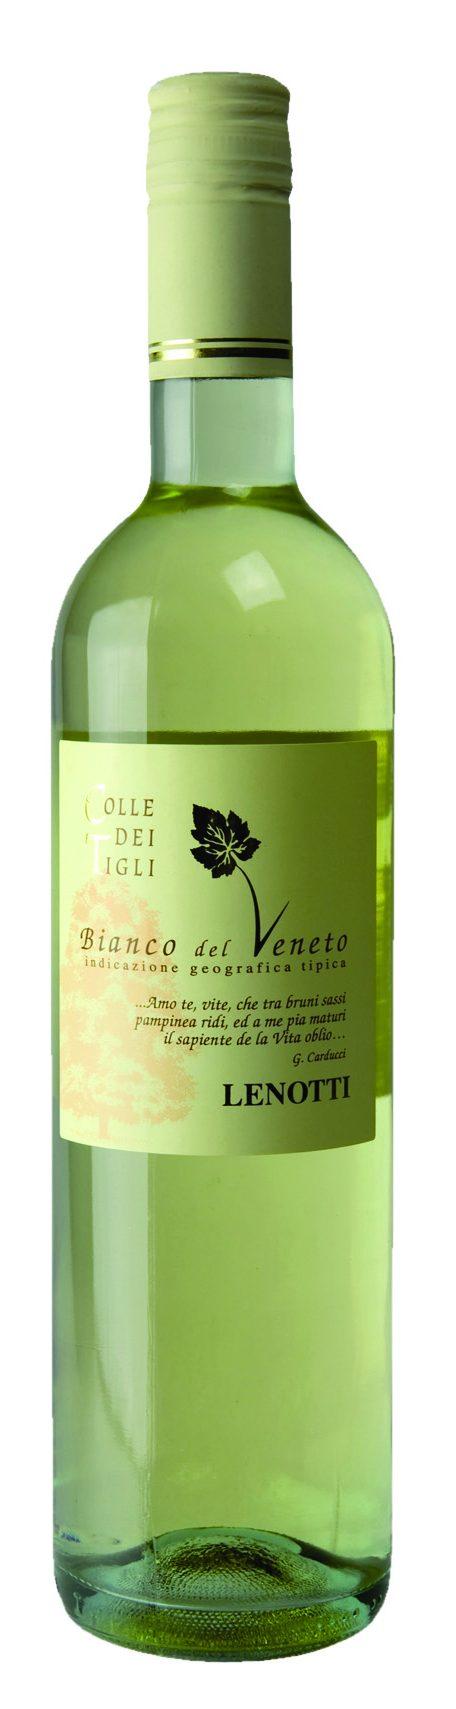 Cantine Lenotti Colle dei Tigli, Bianco del Veneto